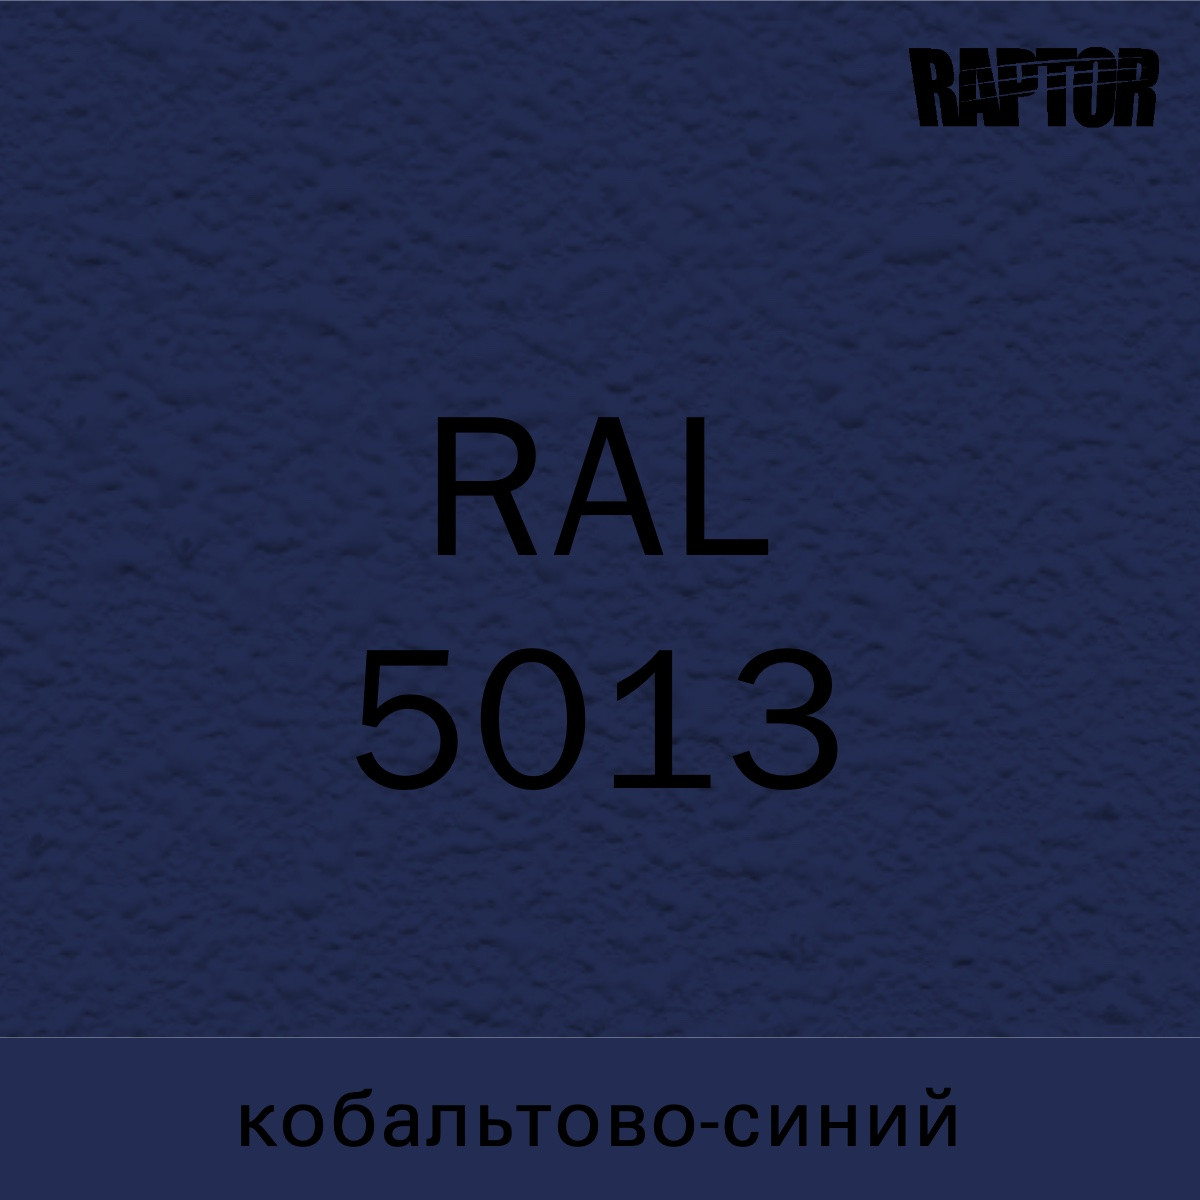 Пигмент для колеровки покрытия RAPTOR™ Кобальтово-синий (RAL 5013)